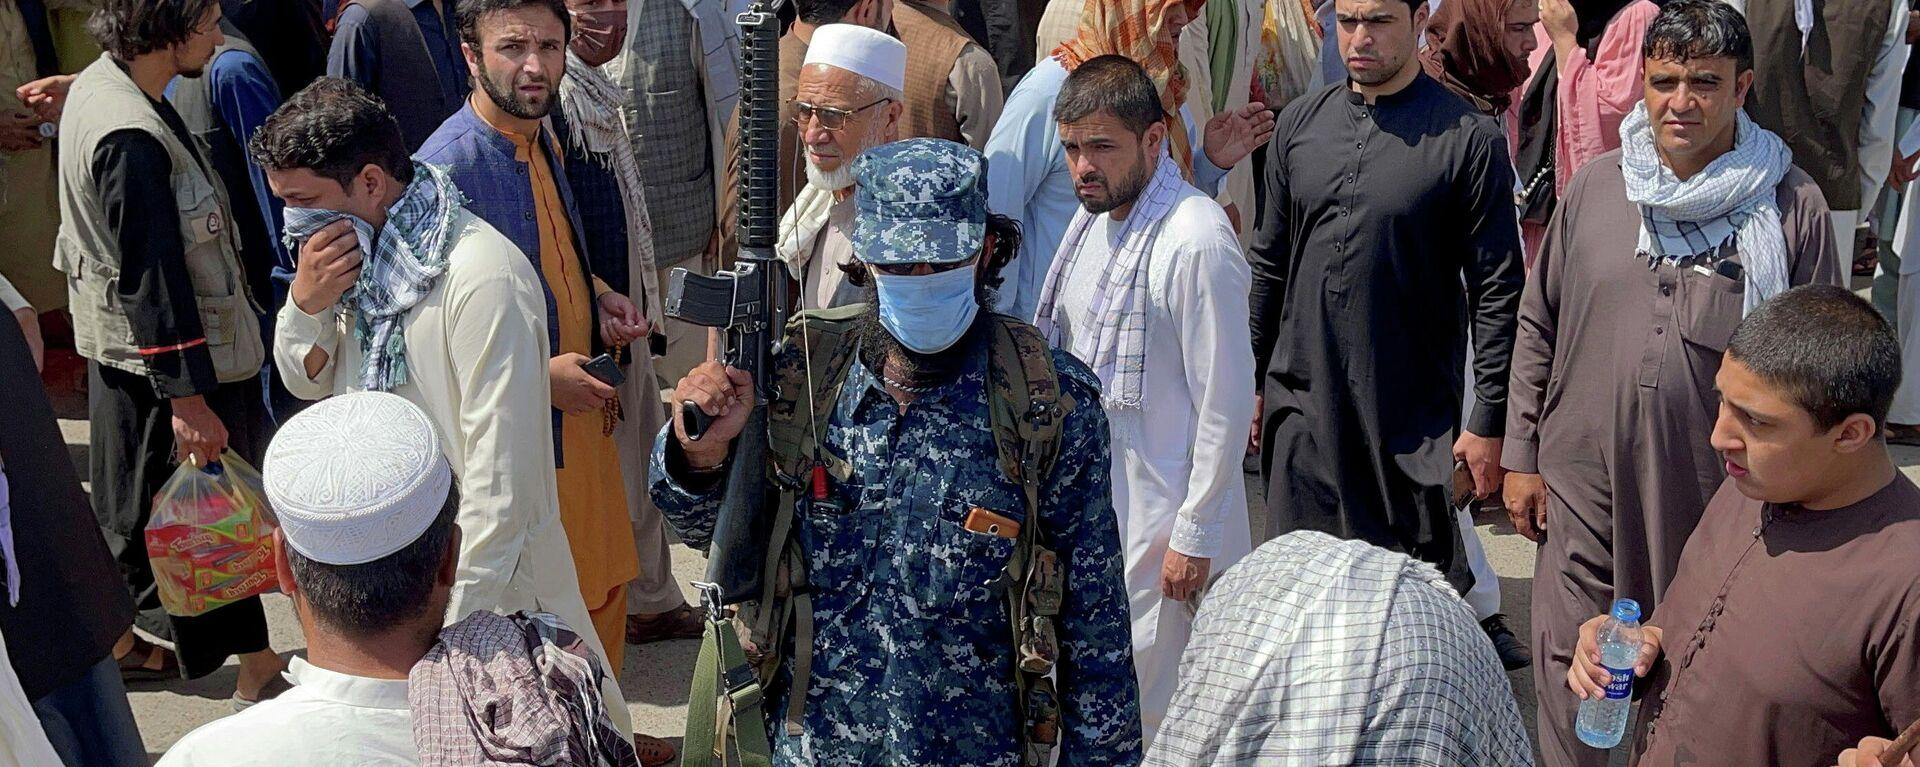 Un miembro de las fuerzas de seguridad talibanes hace la guardia en Kabul, Afganistán, 4 de septiembre de 2021 - Sputnik Mundo, 1920, 21.09.2021